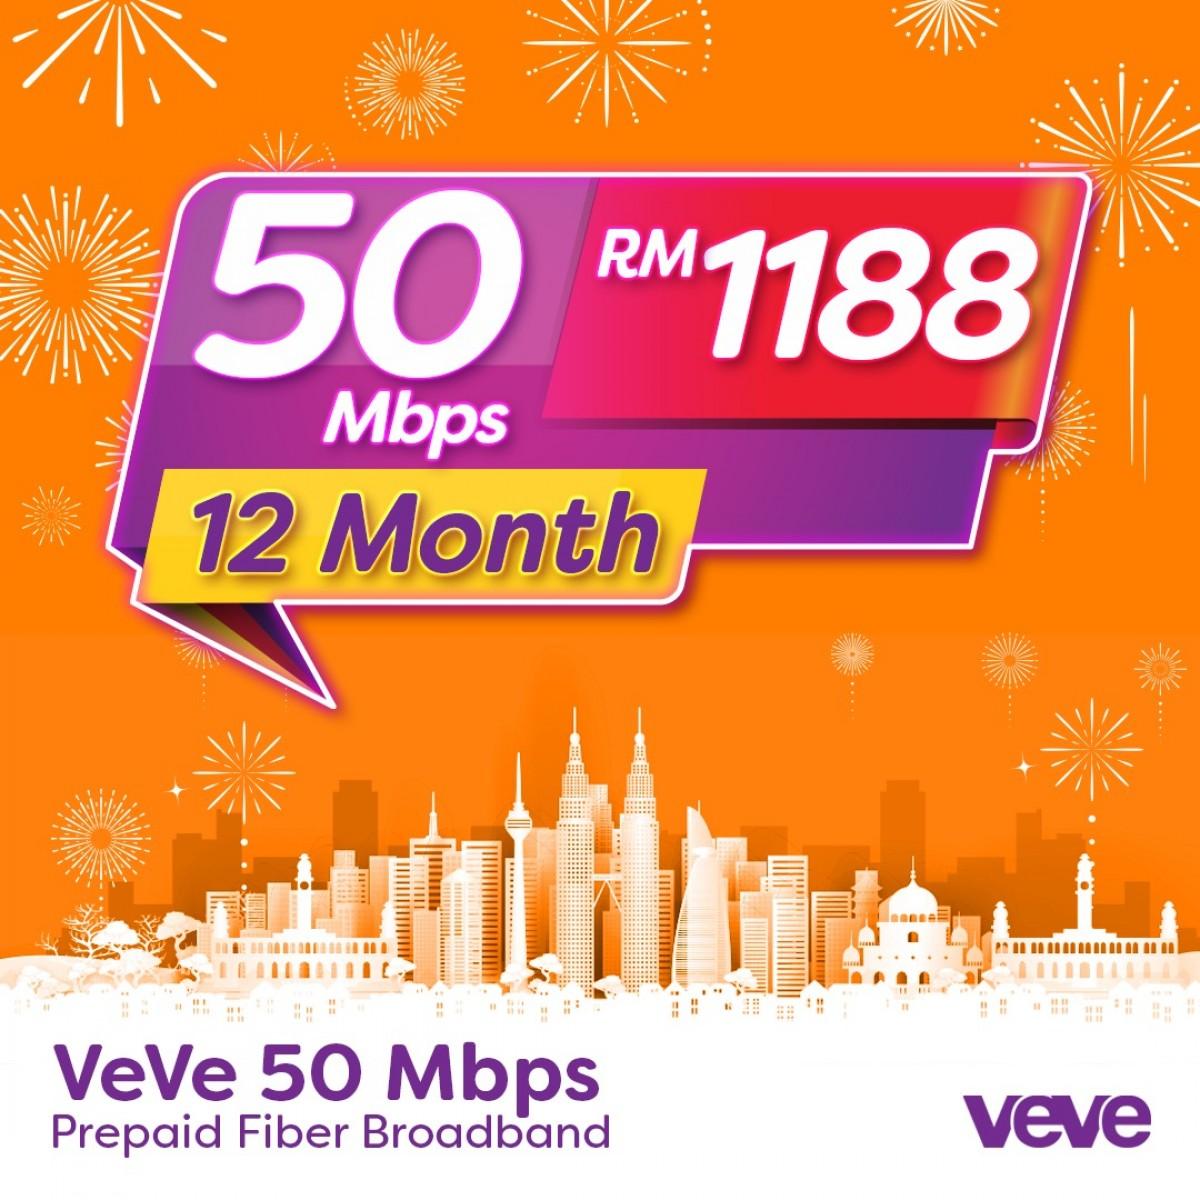 VeVe 50 Mbps Home Fibre (12 Month) - VEVE